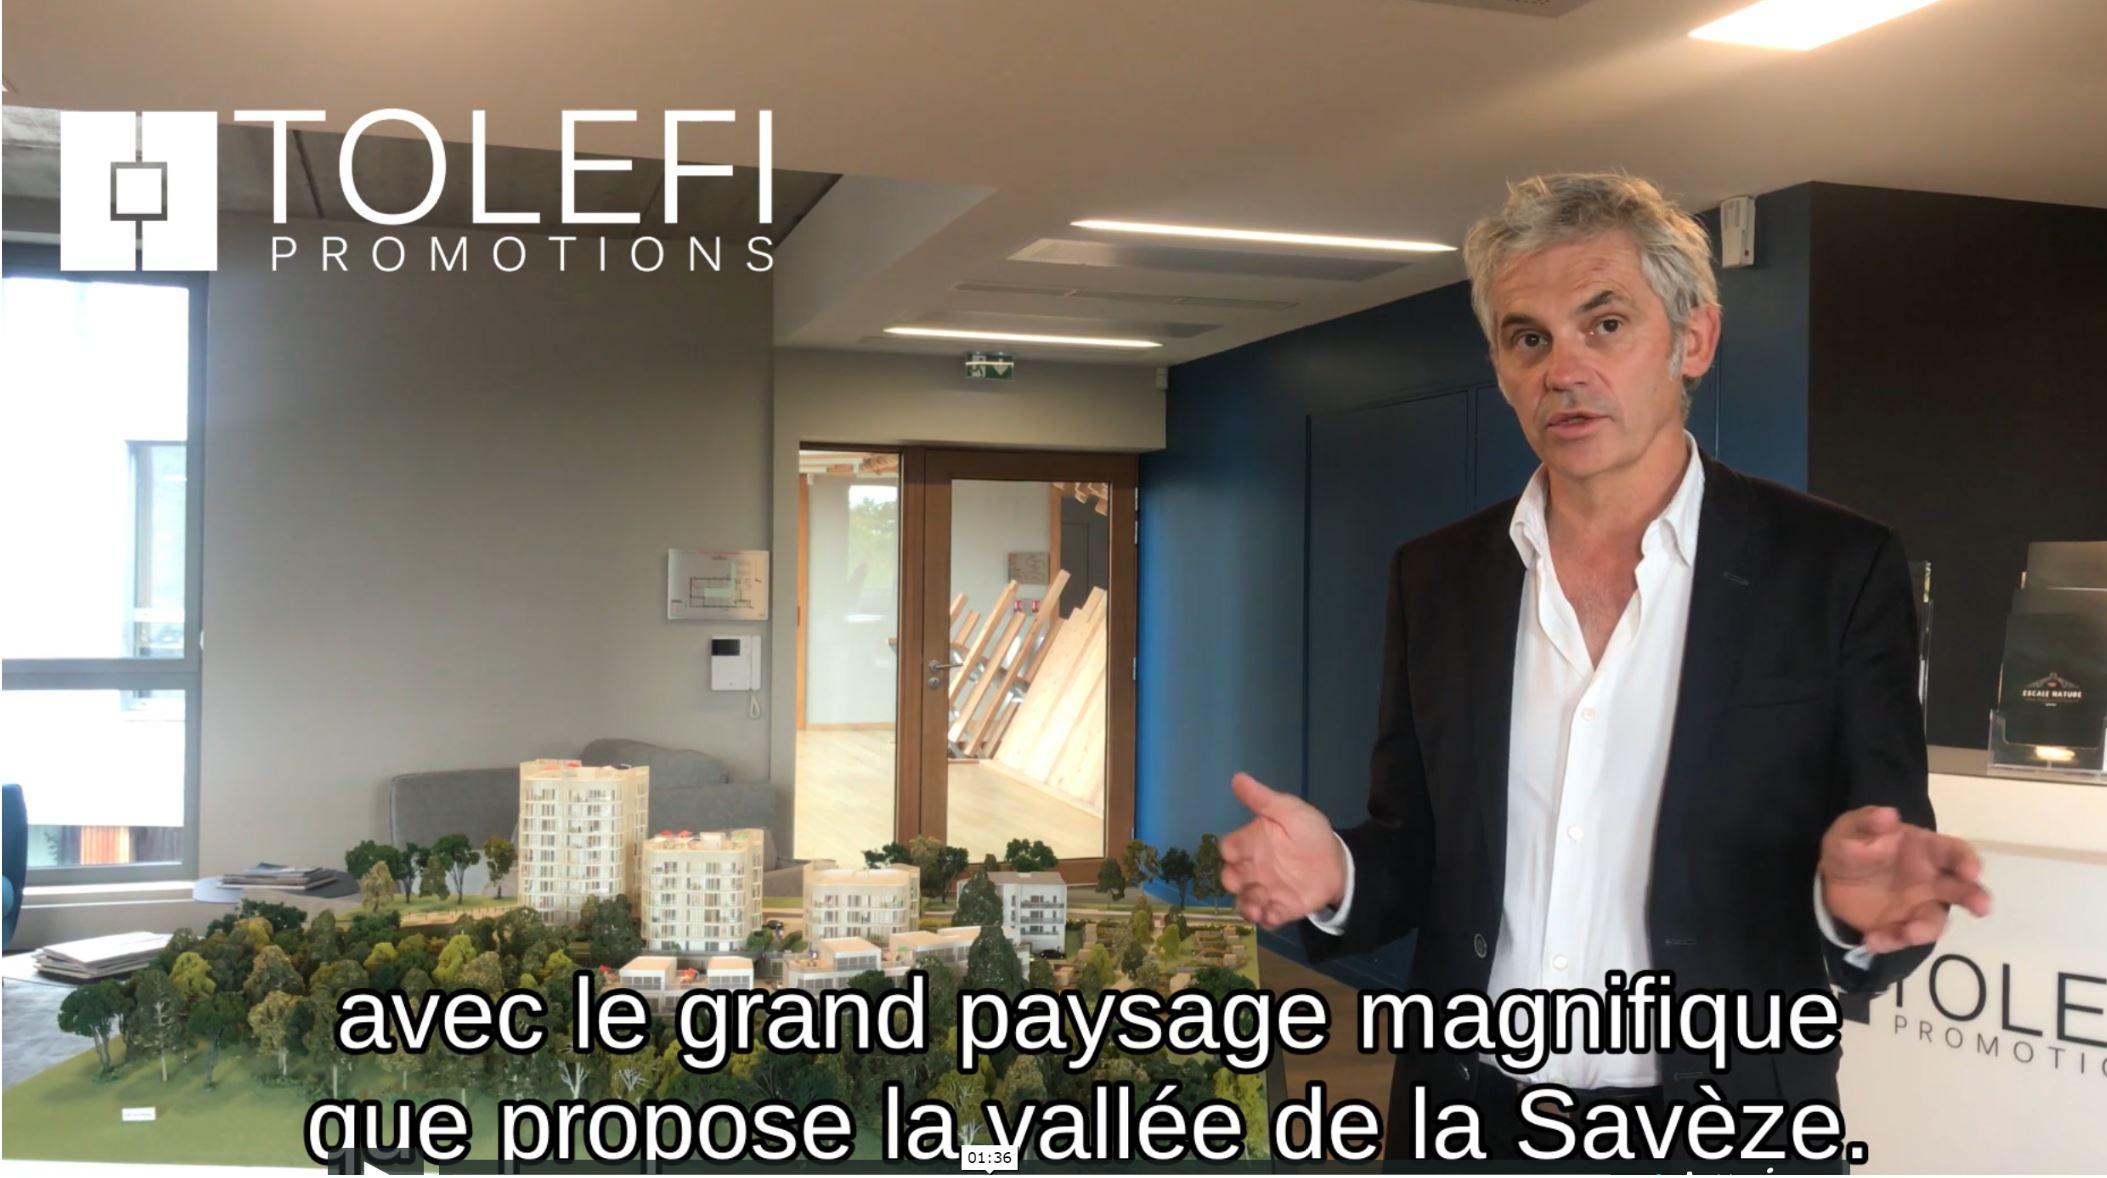 Interview – Architecte de Canopée Bagatelle par Tolefi Promotions